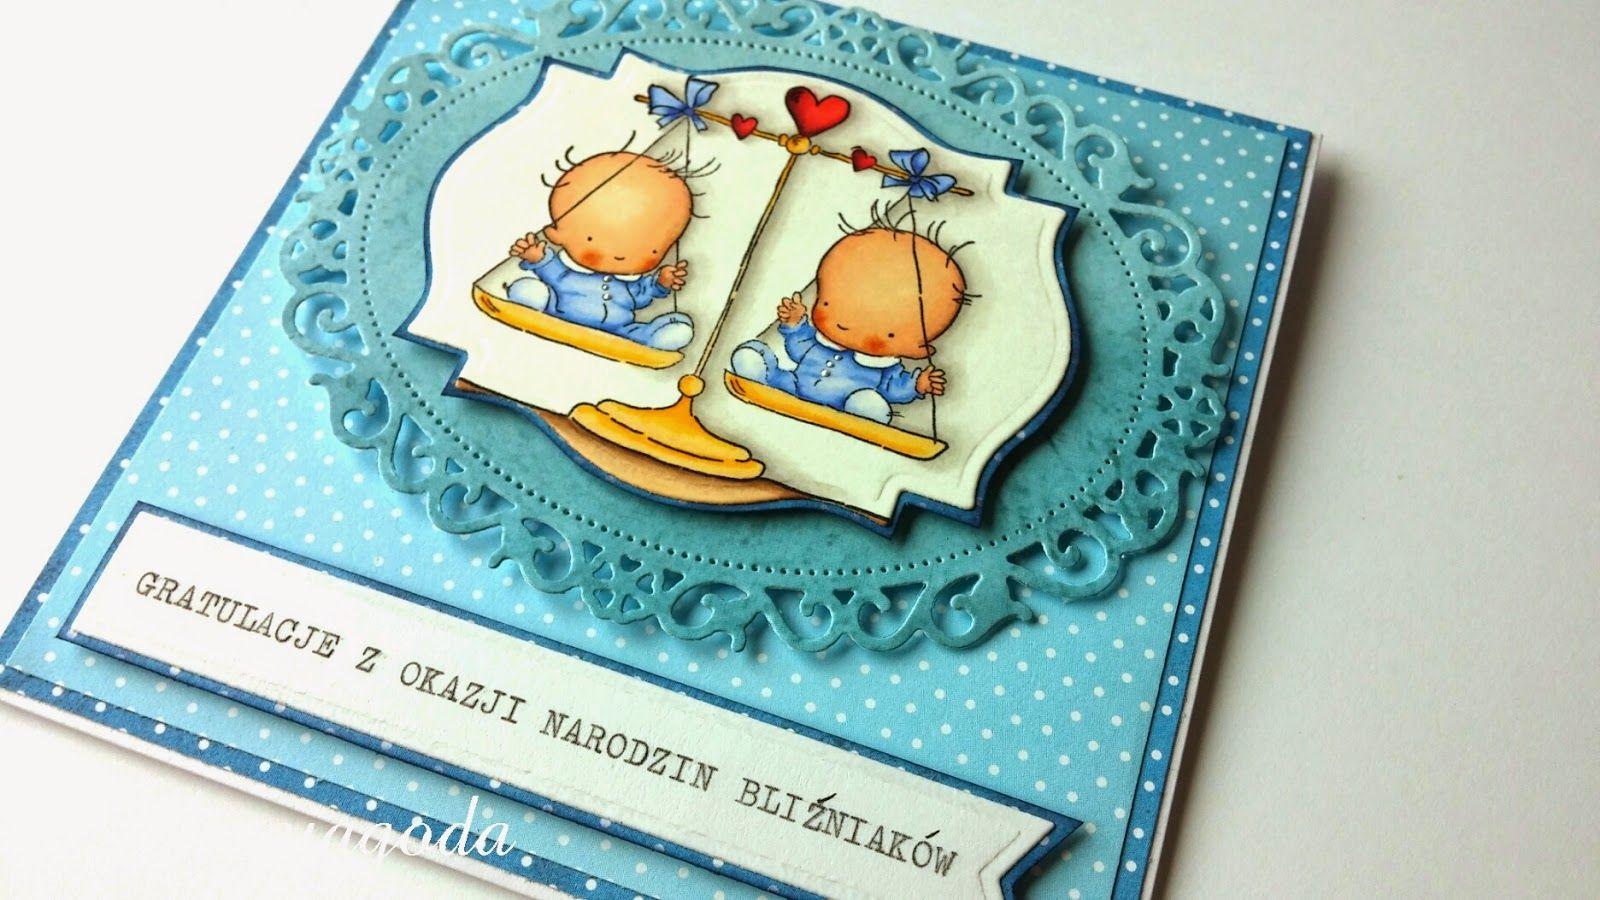 Gratulacje Z Okazji Narodzin Blizniakow Enamel Pins Coasters